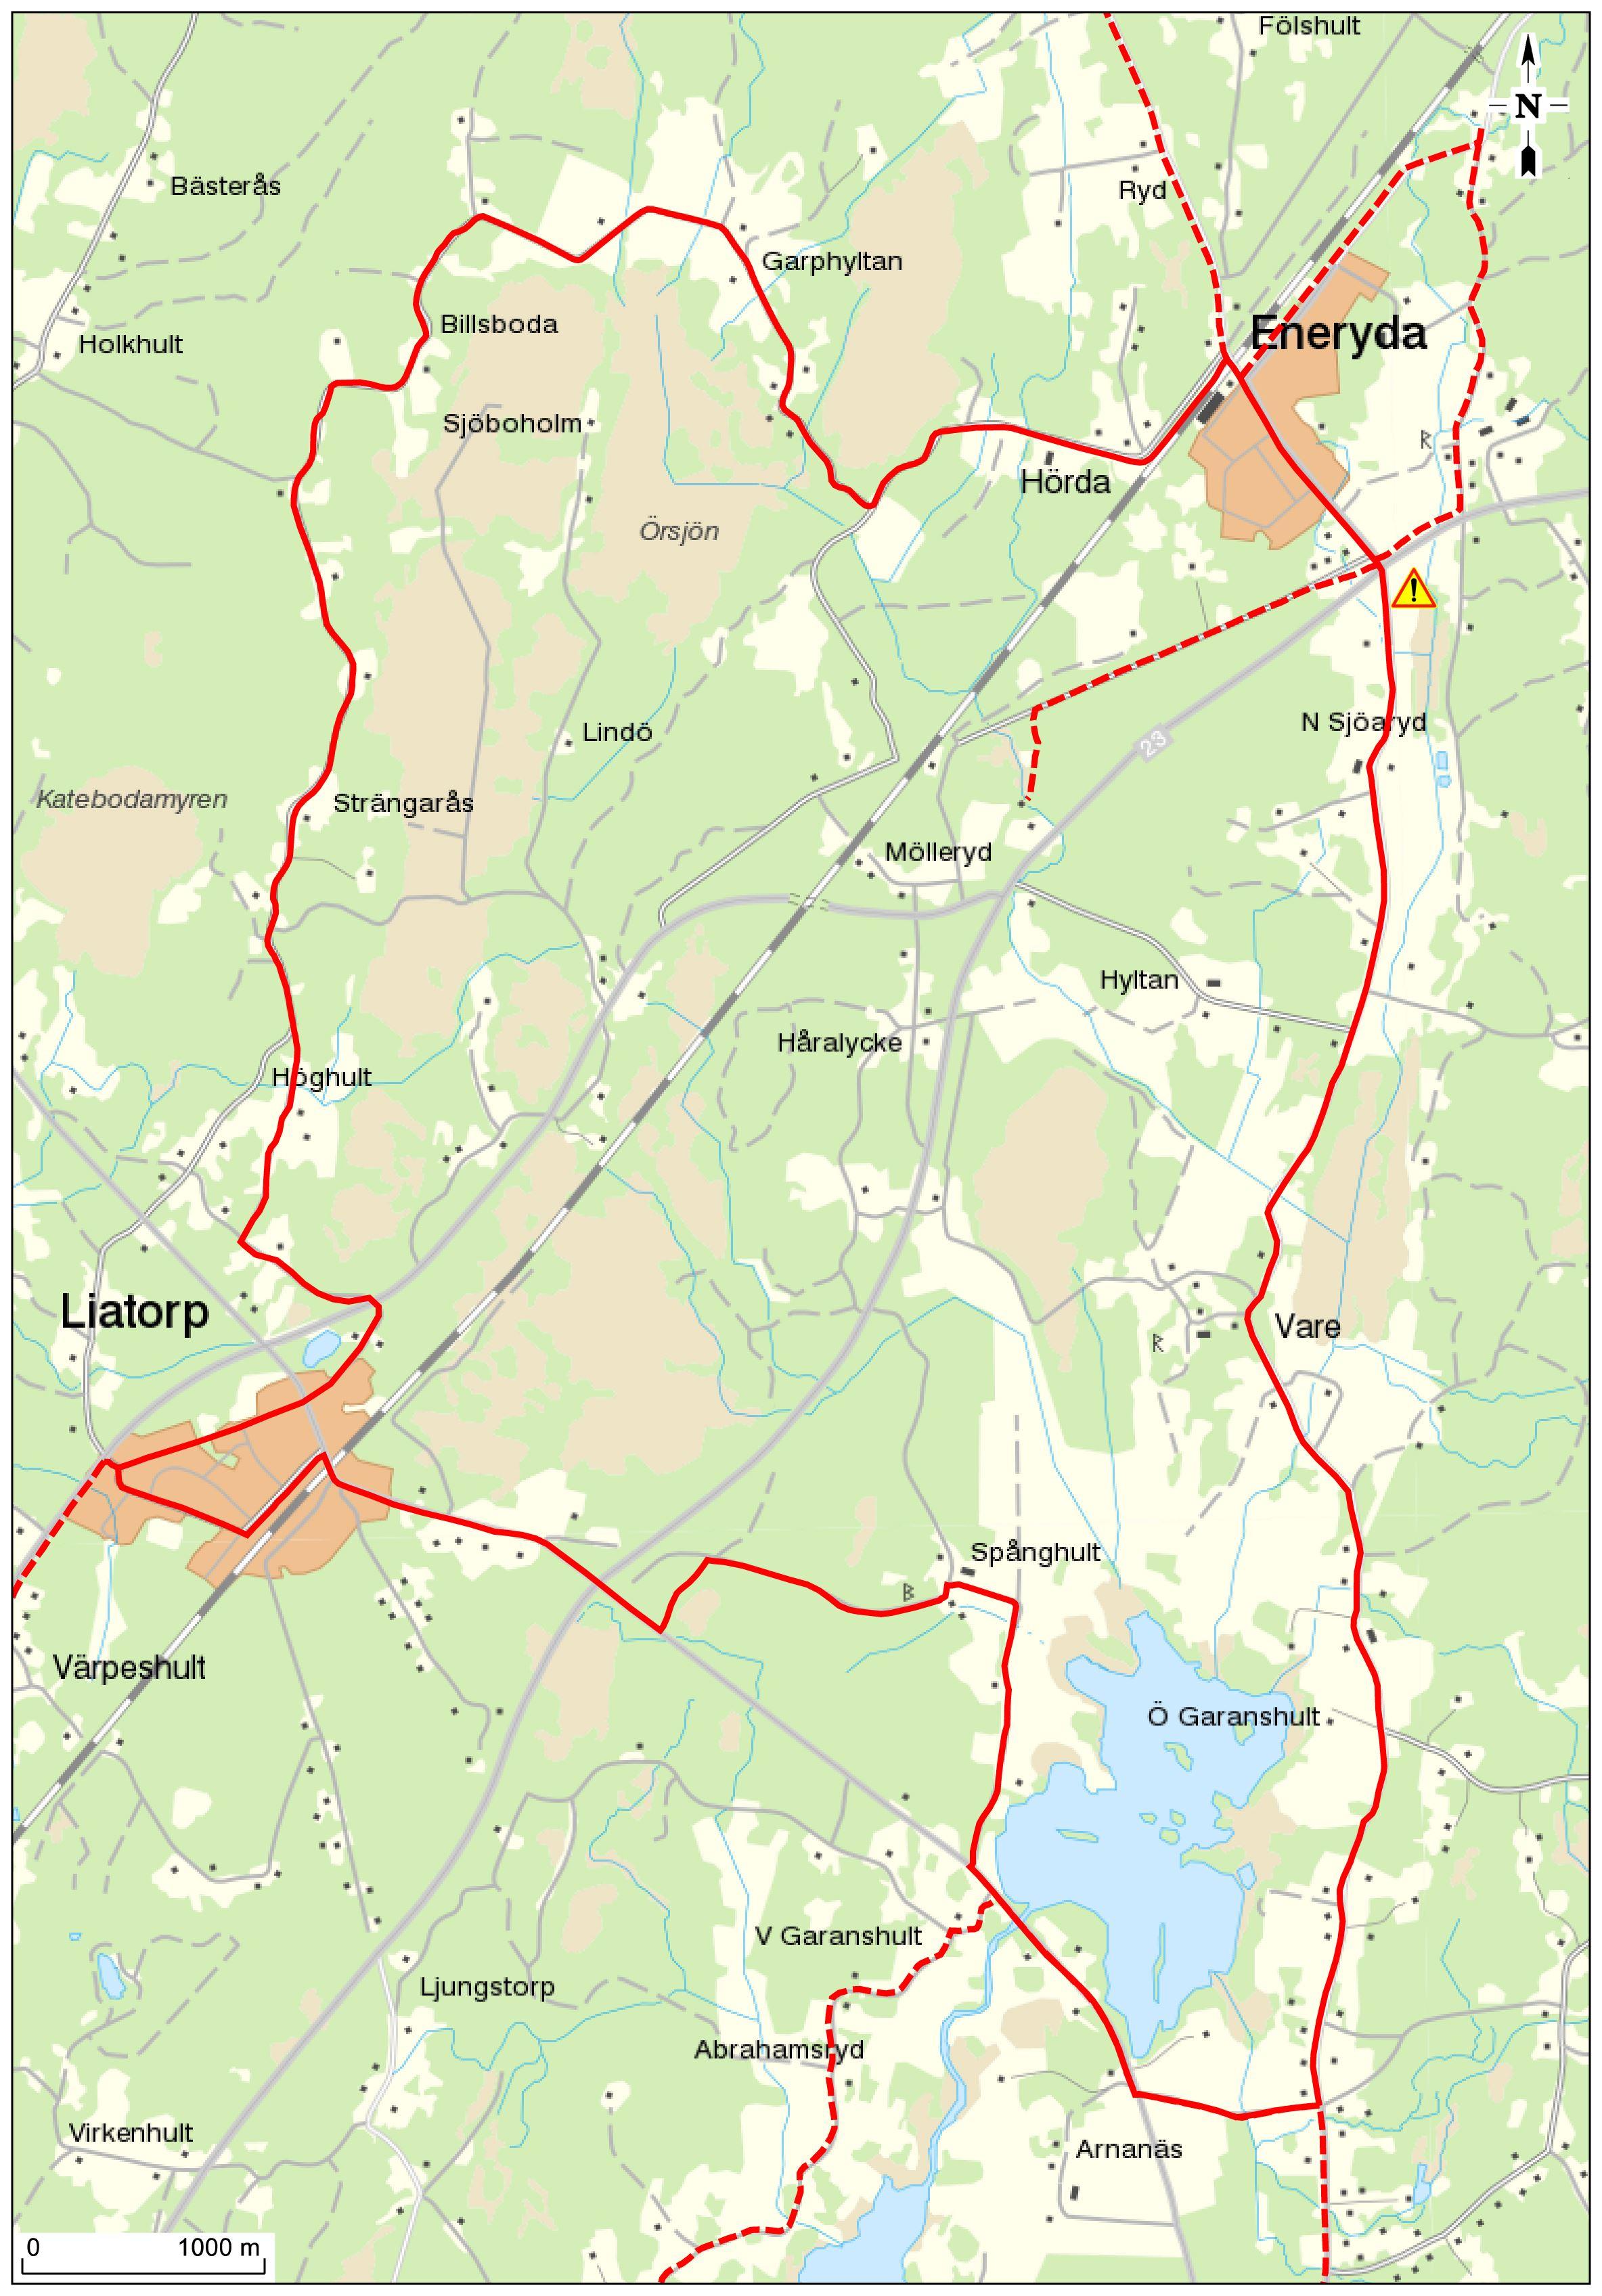 Cykeltur - Enerydarundan 26 km